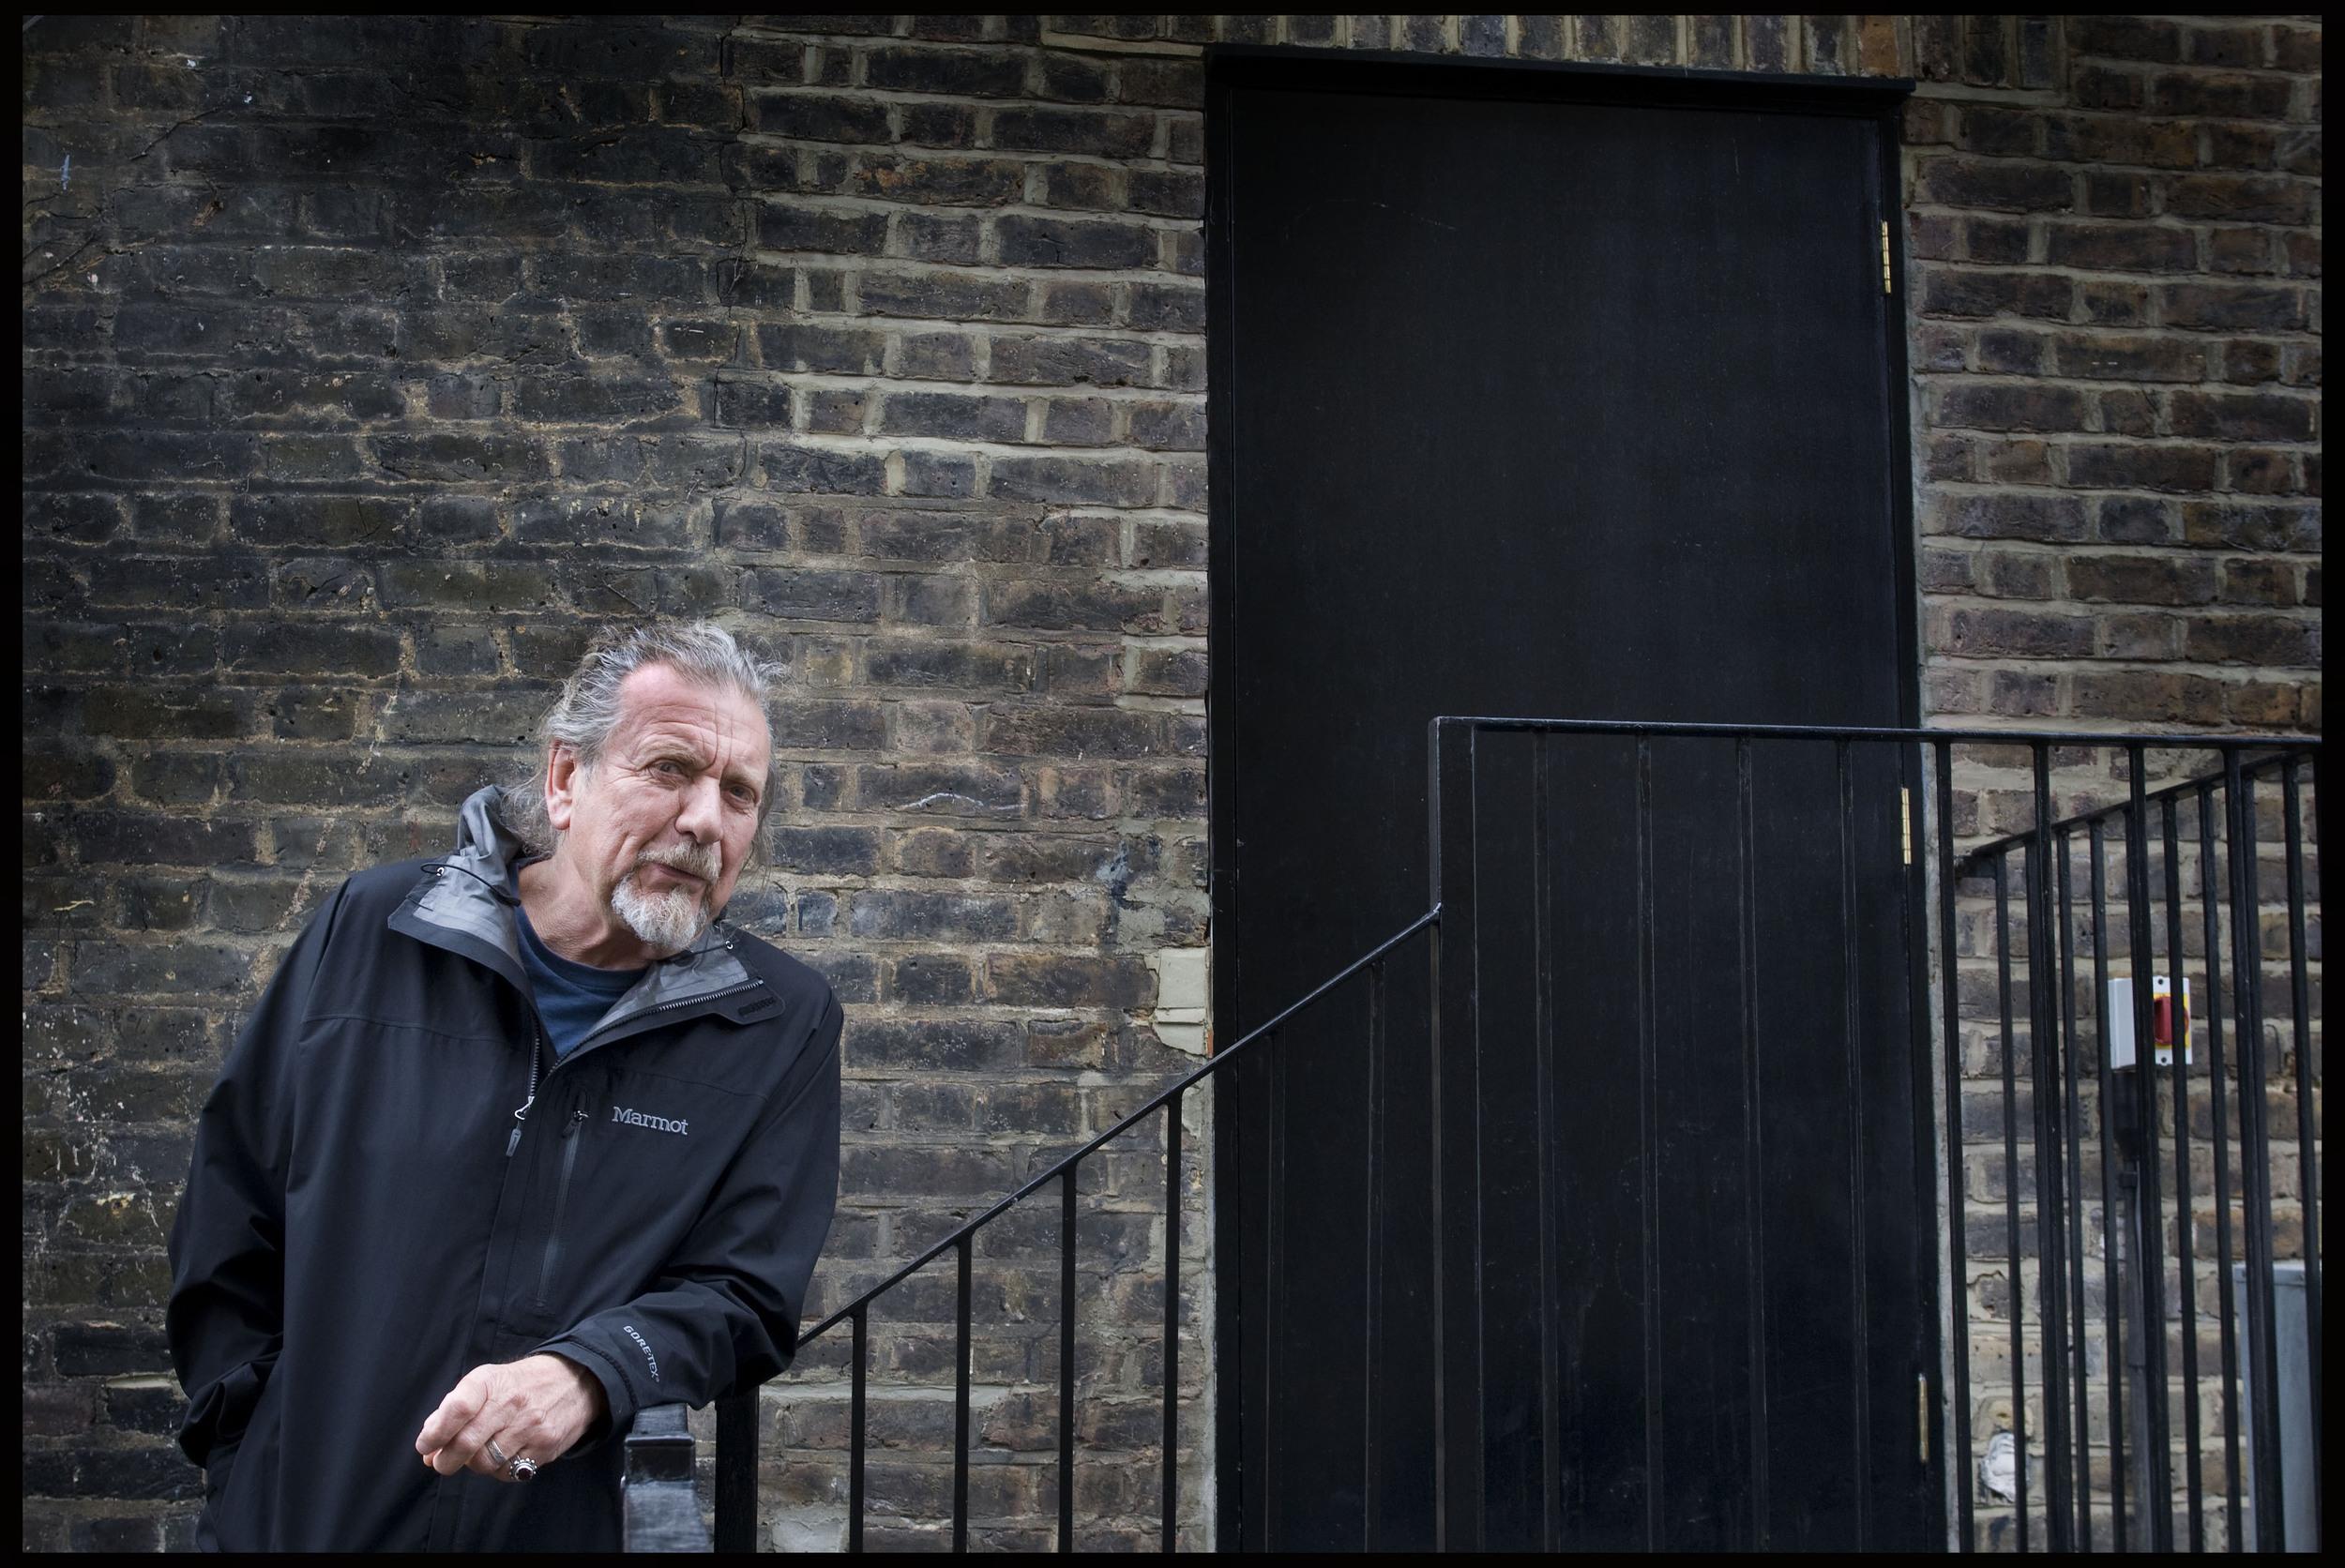 Robert Plant, singer songwriter